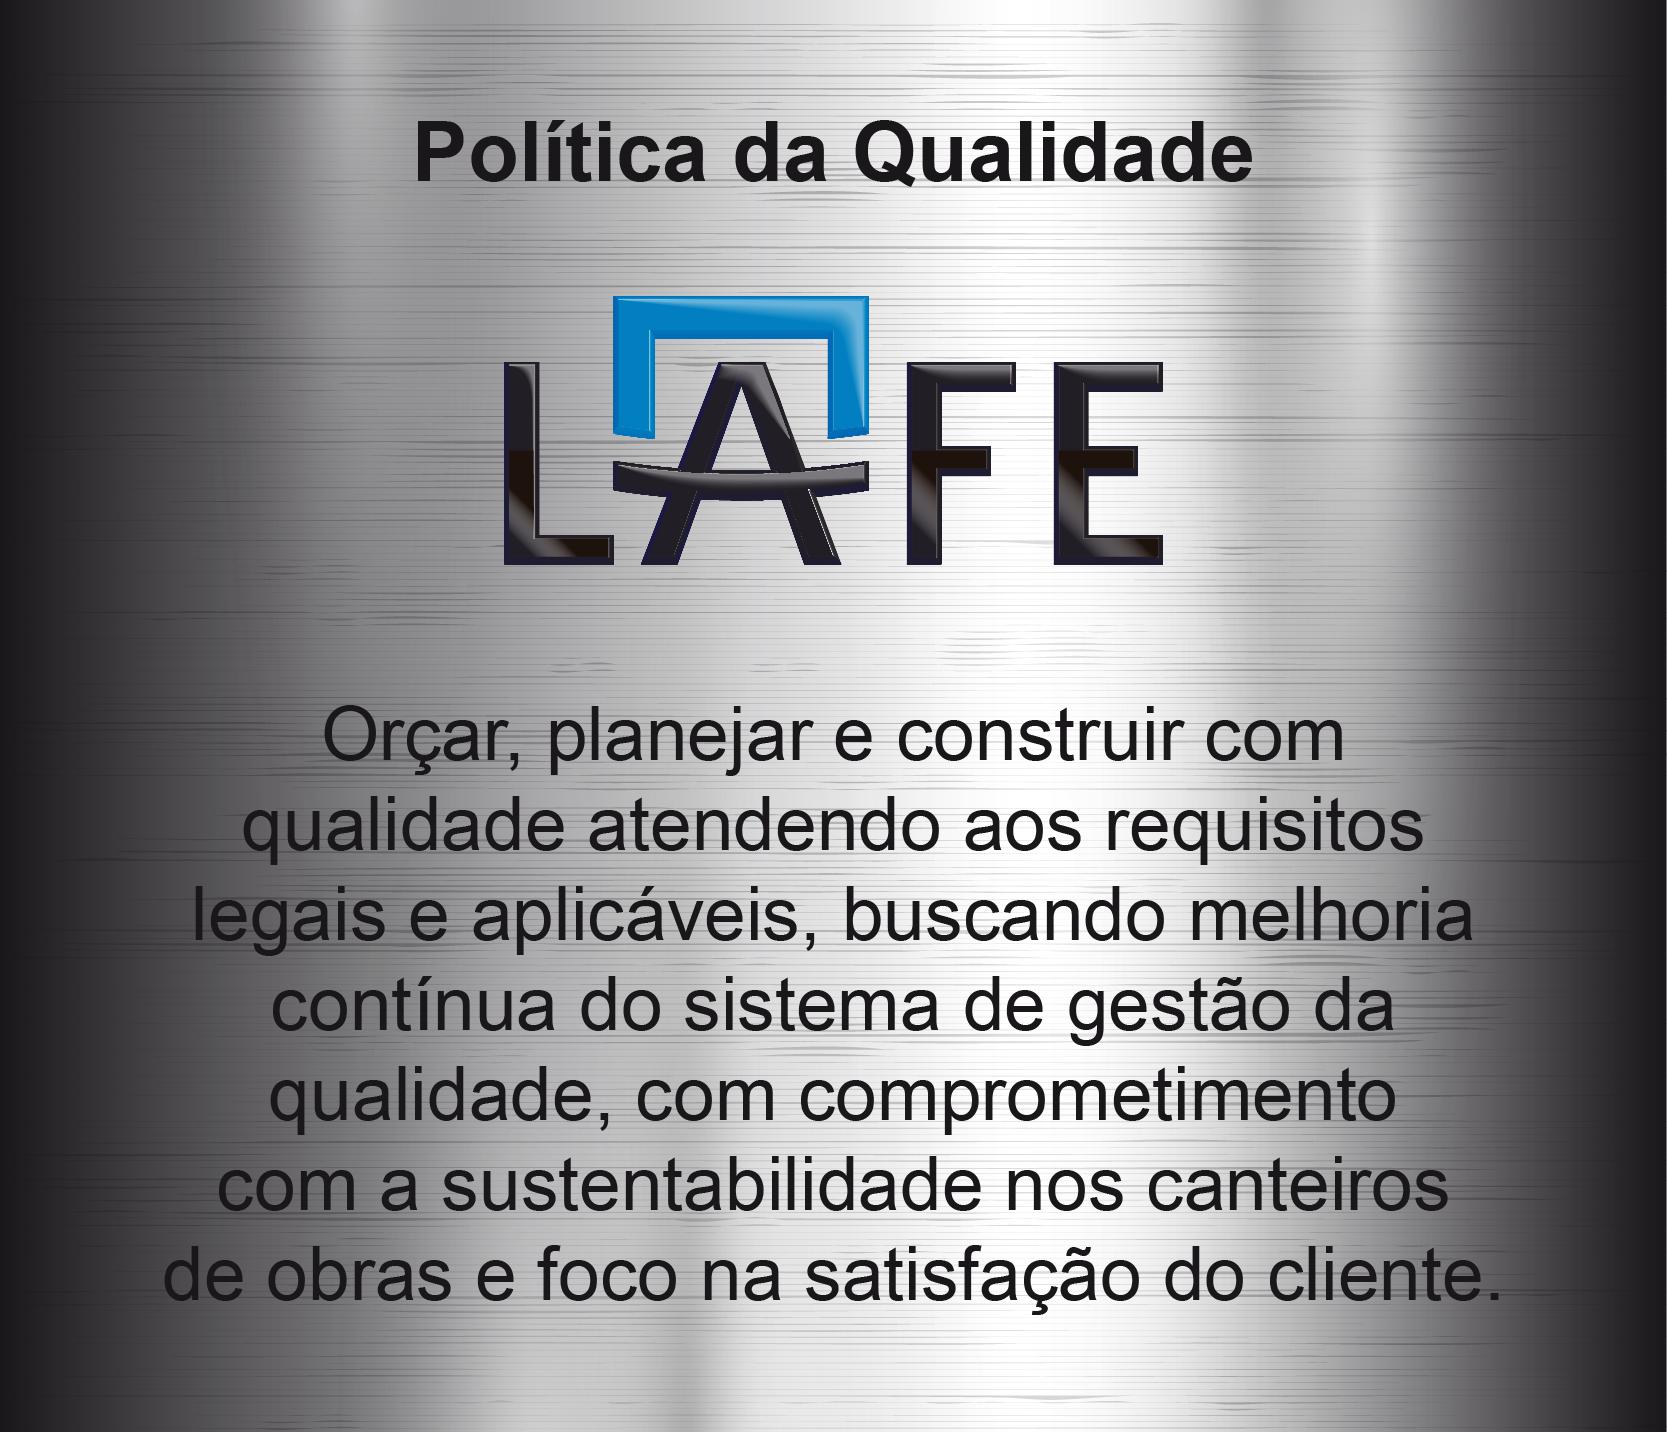 Politica de qualidade-01